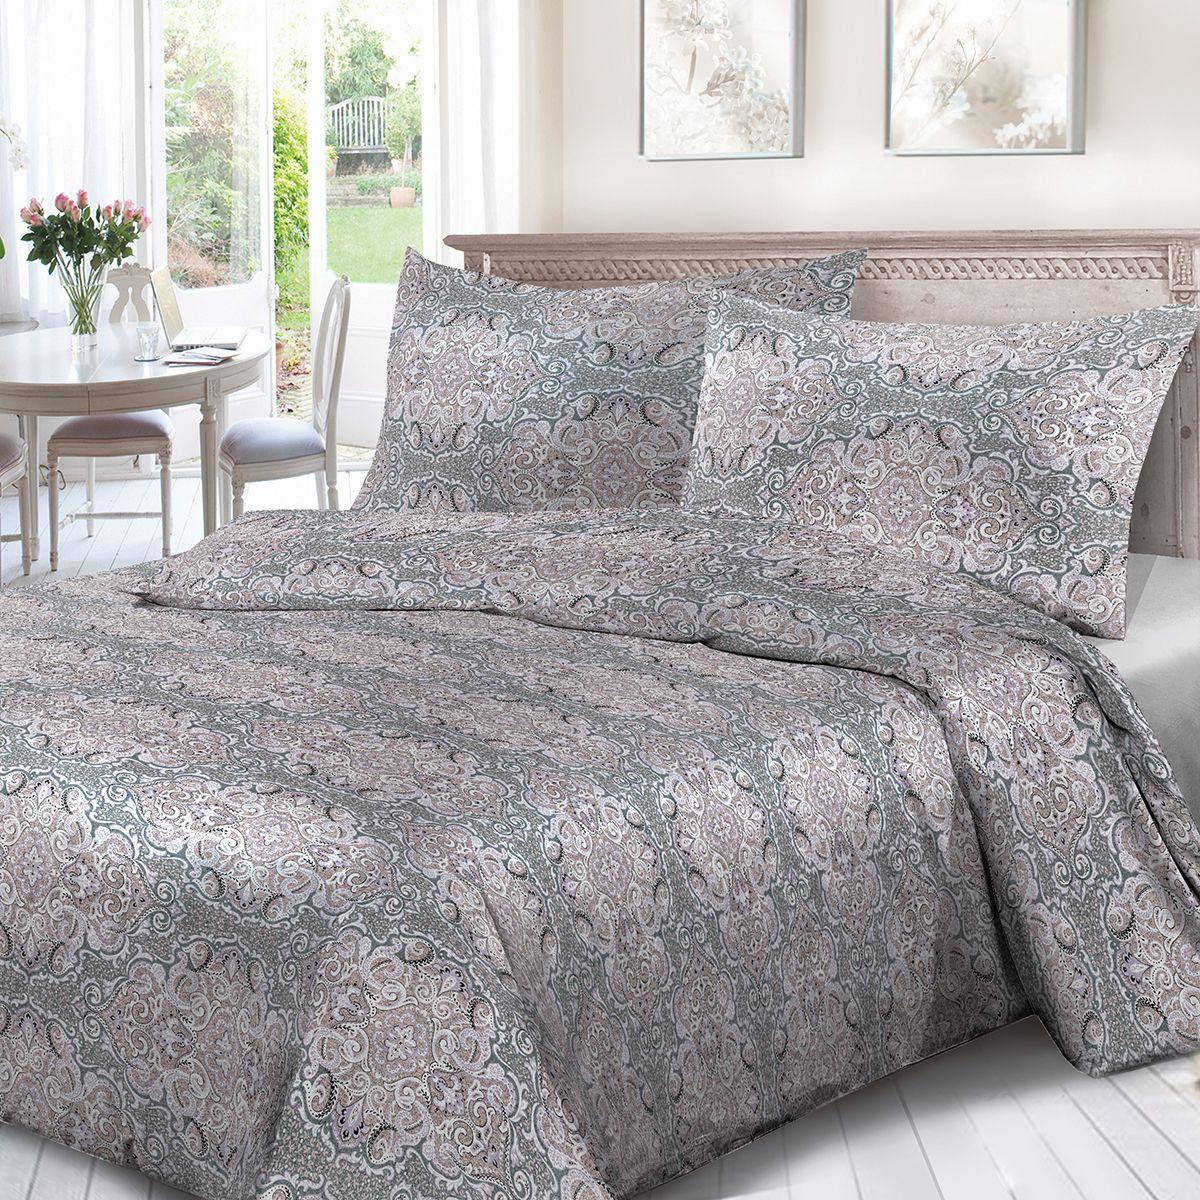 Комплект белья Сорренто Алессандра, 2-х спальное, наволочки 70x70, цвет: сиреневый. 4124-190430